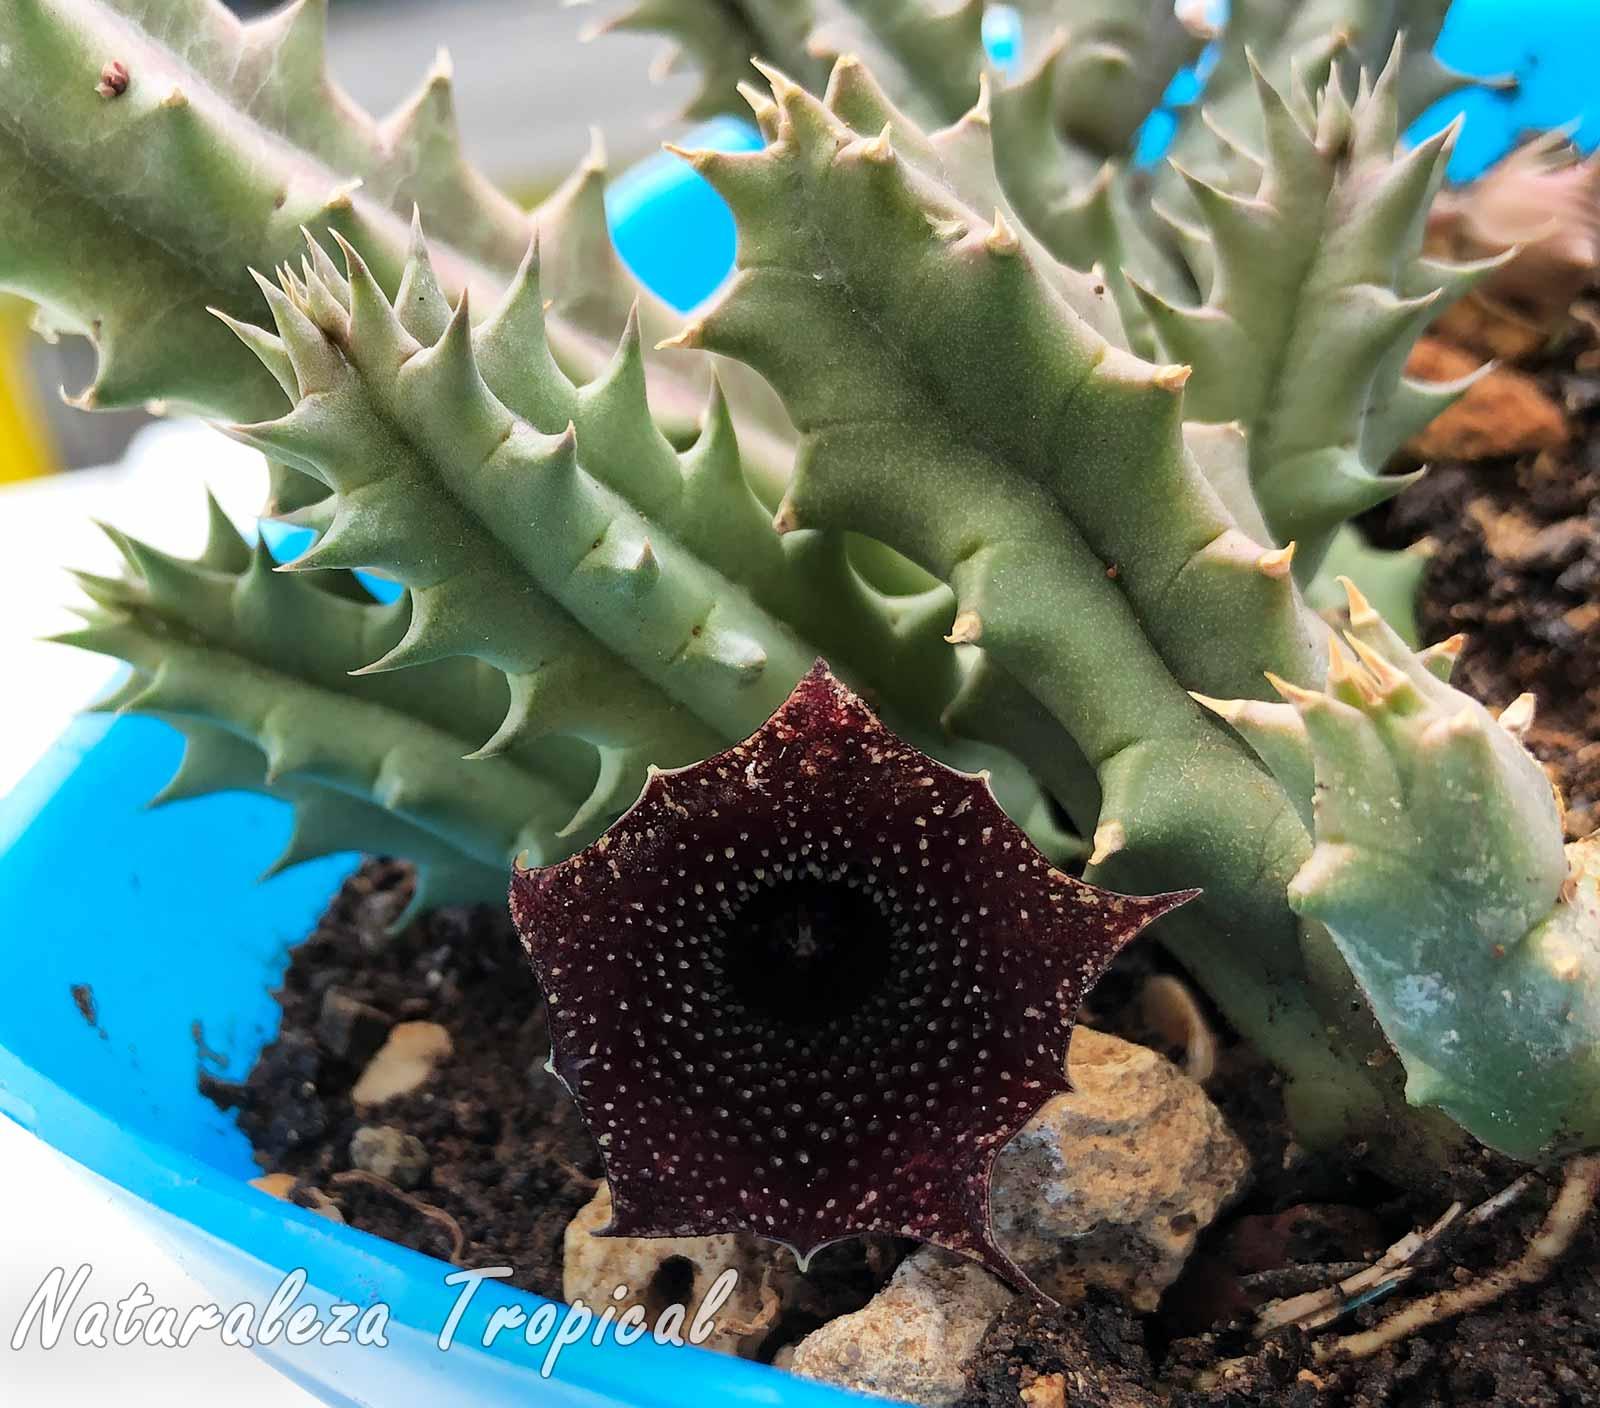 Vista de la flor y los tallos de un híbrido del género Huernia muy atractivo